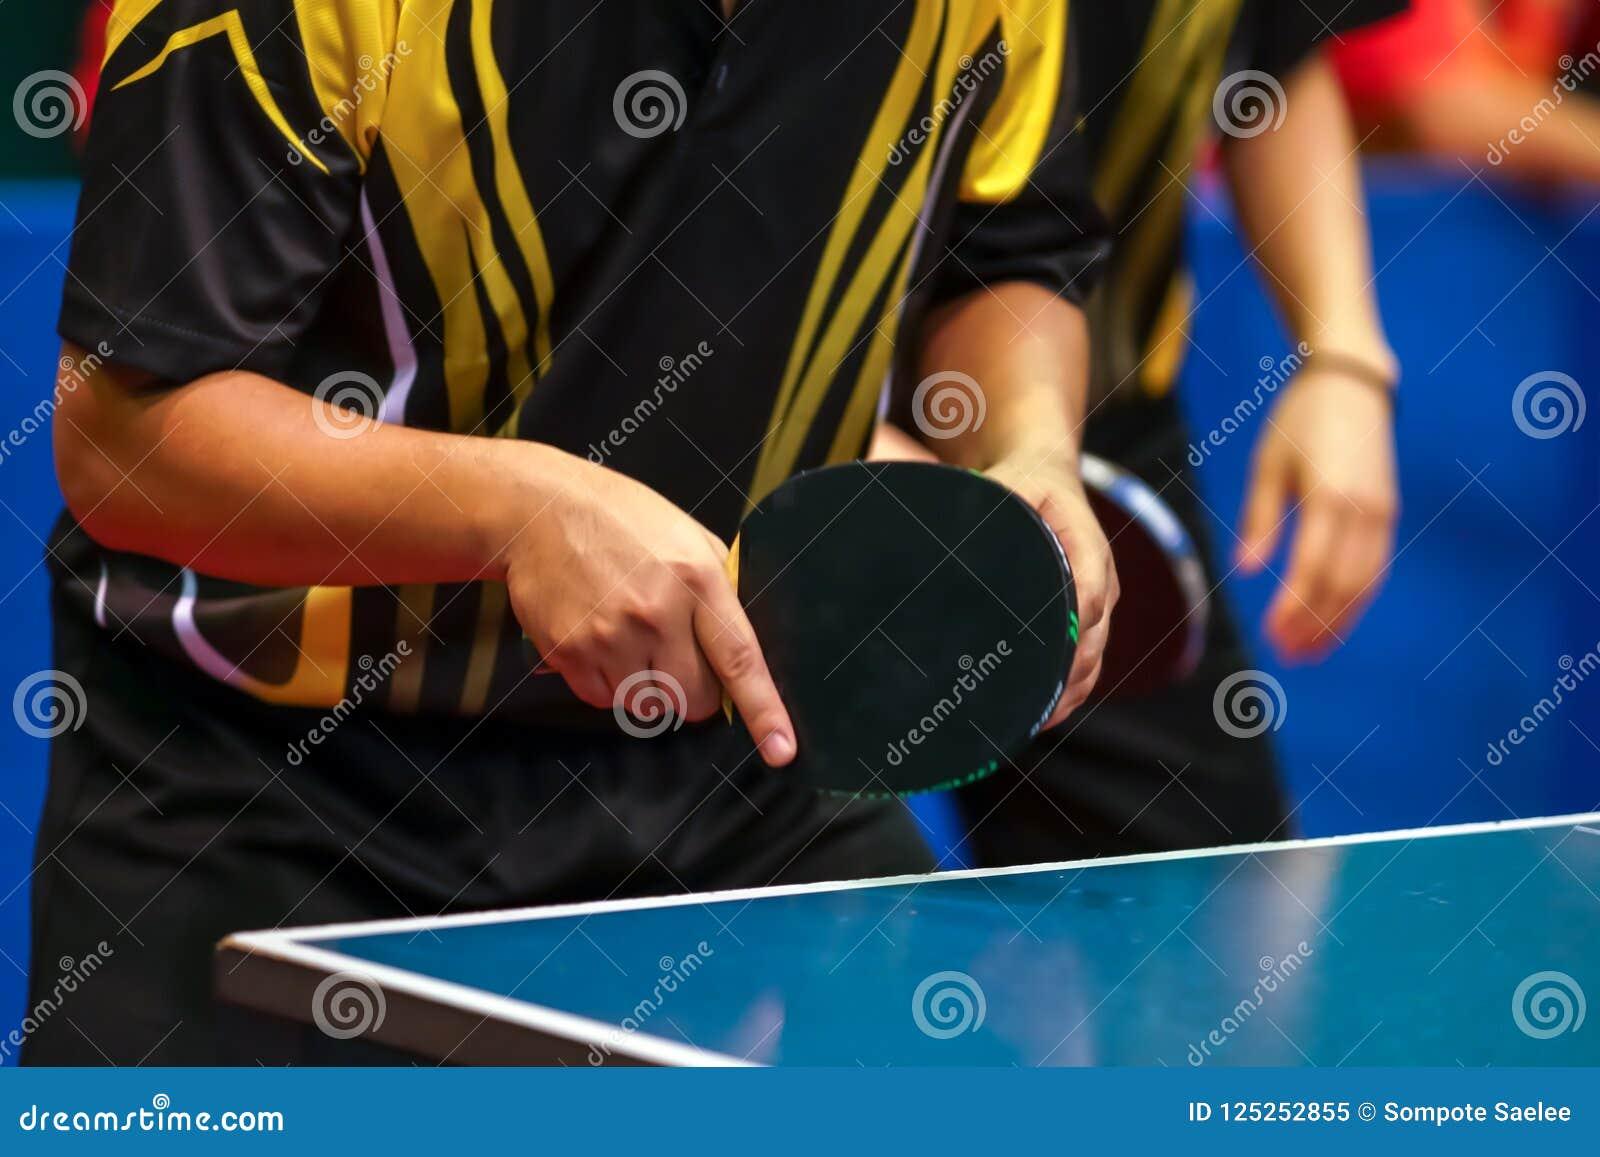 Zwarte gele overhemdsmensen die dubbel pingpong spelen